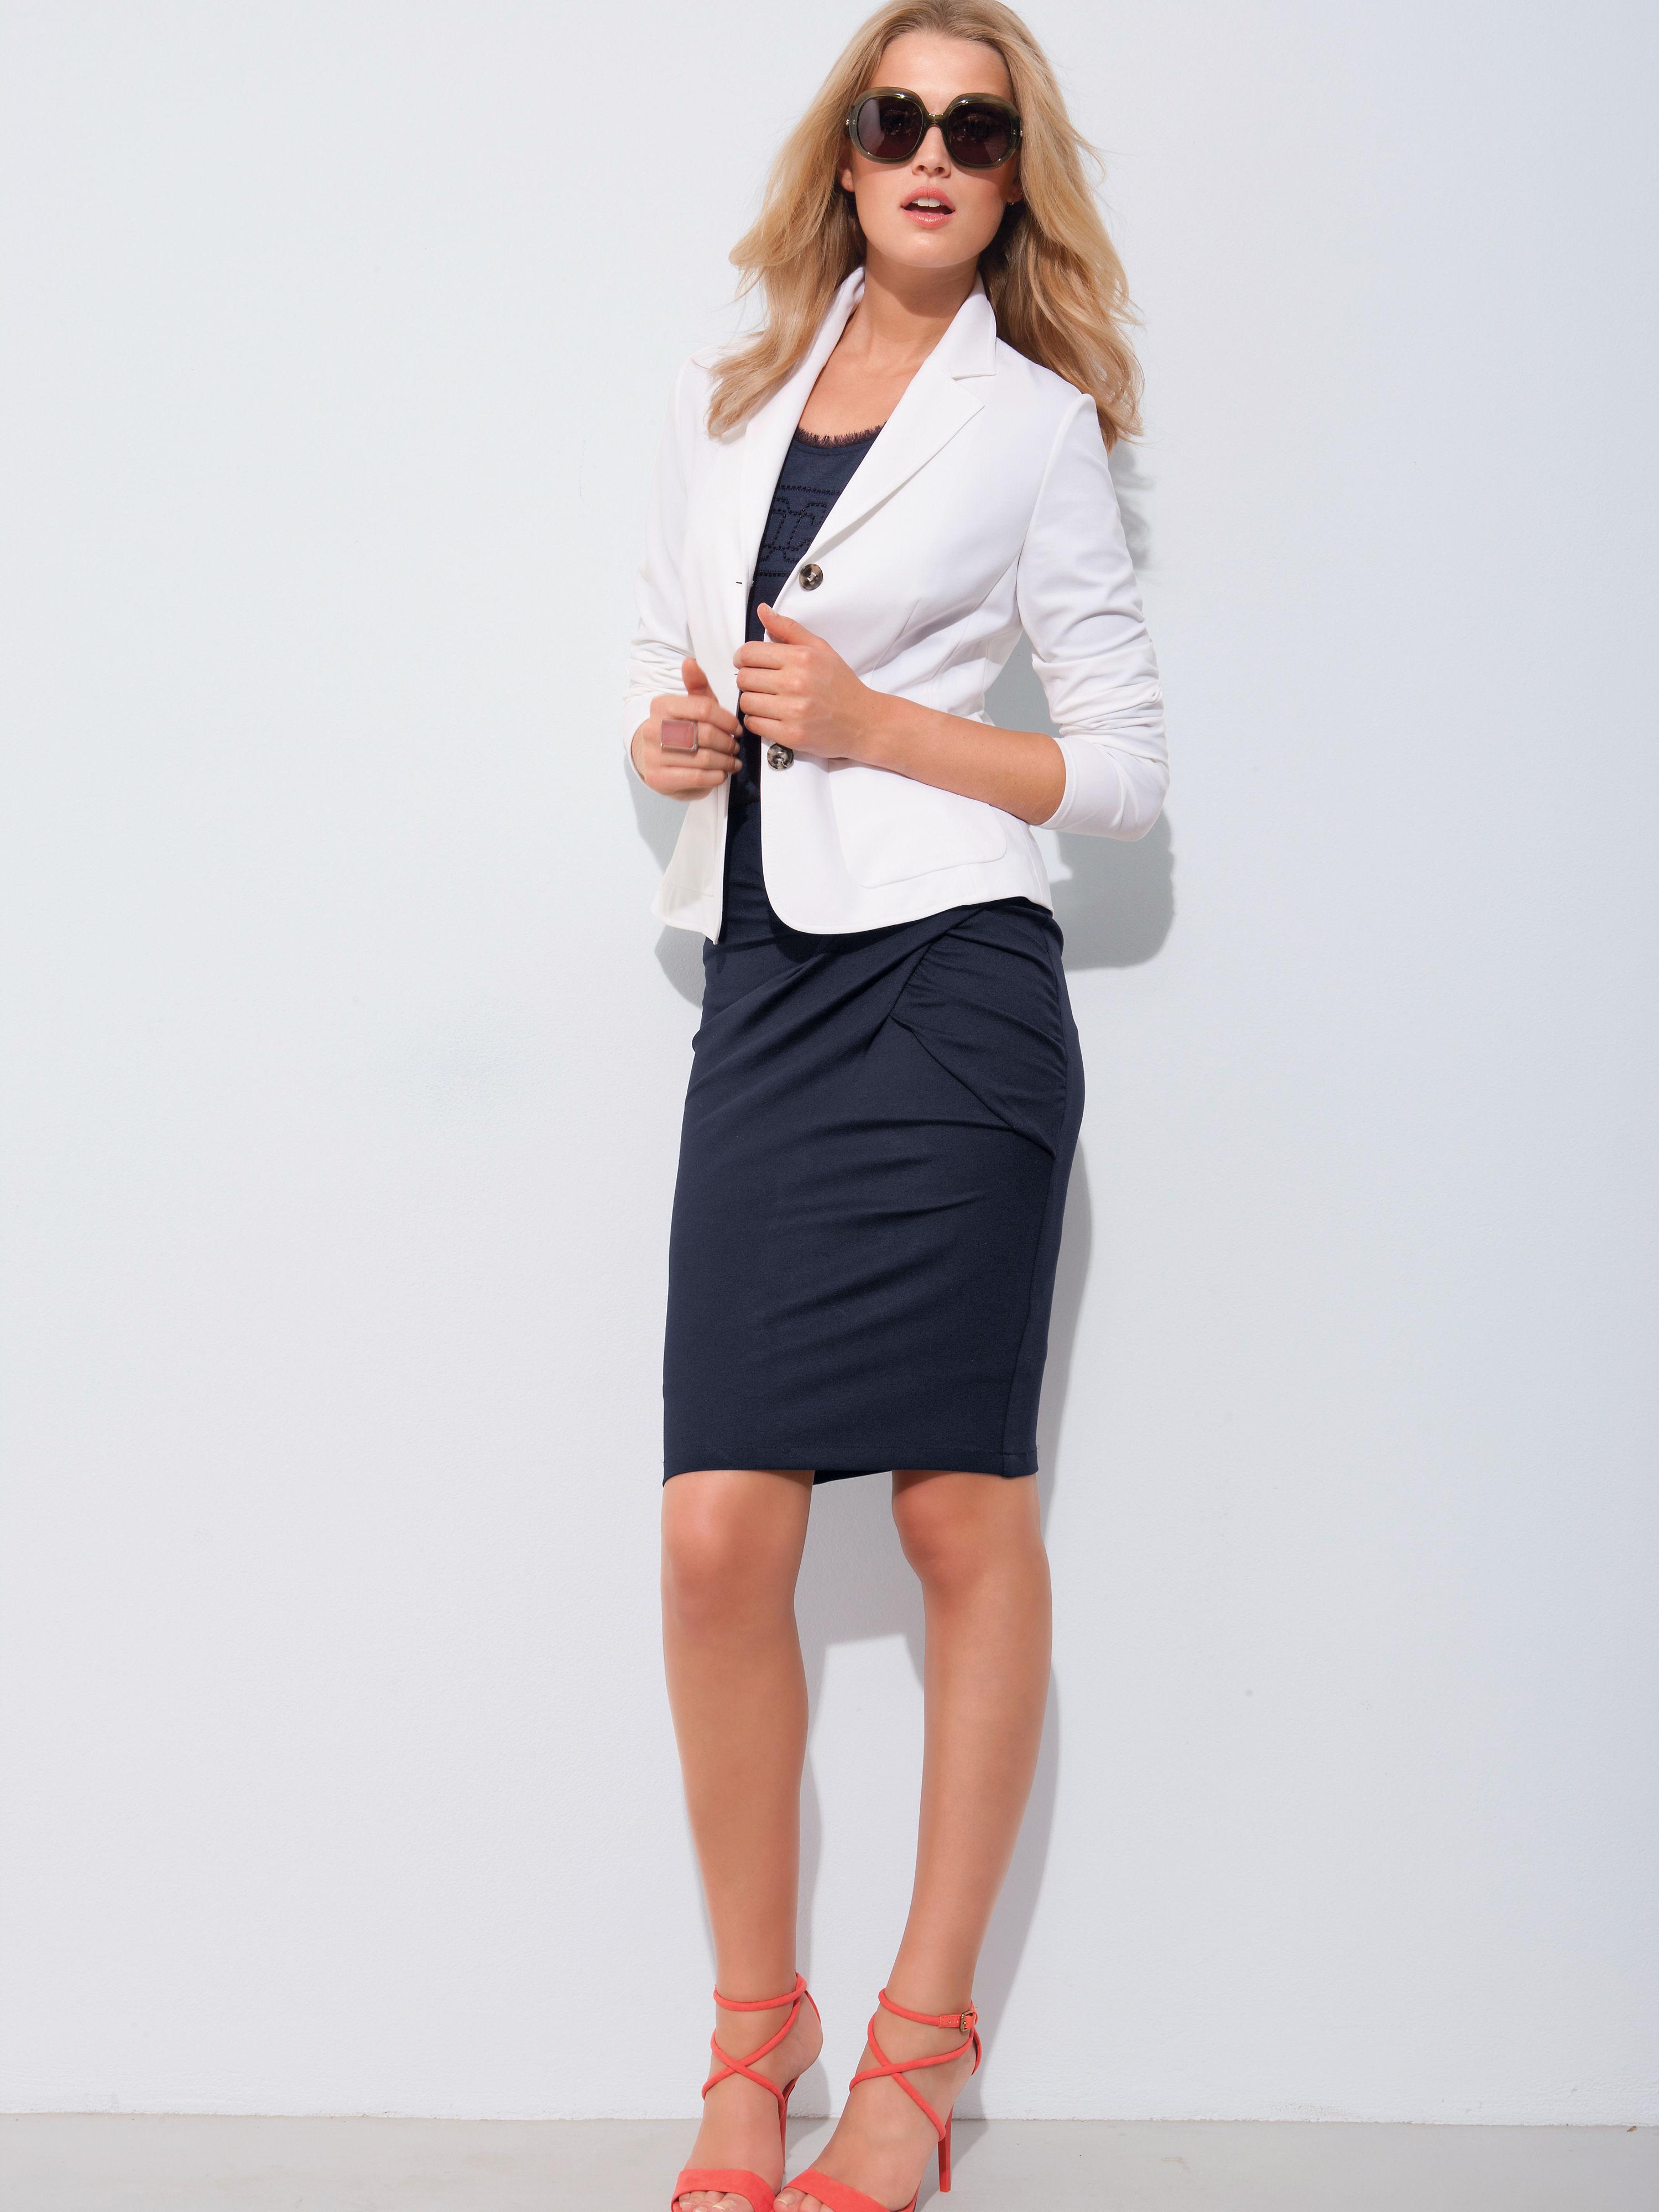 Деловой Стиль Одежды Женщины